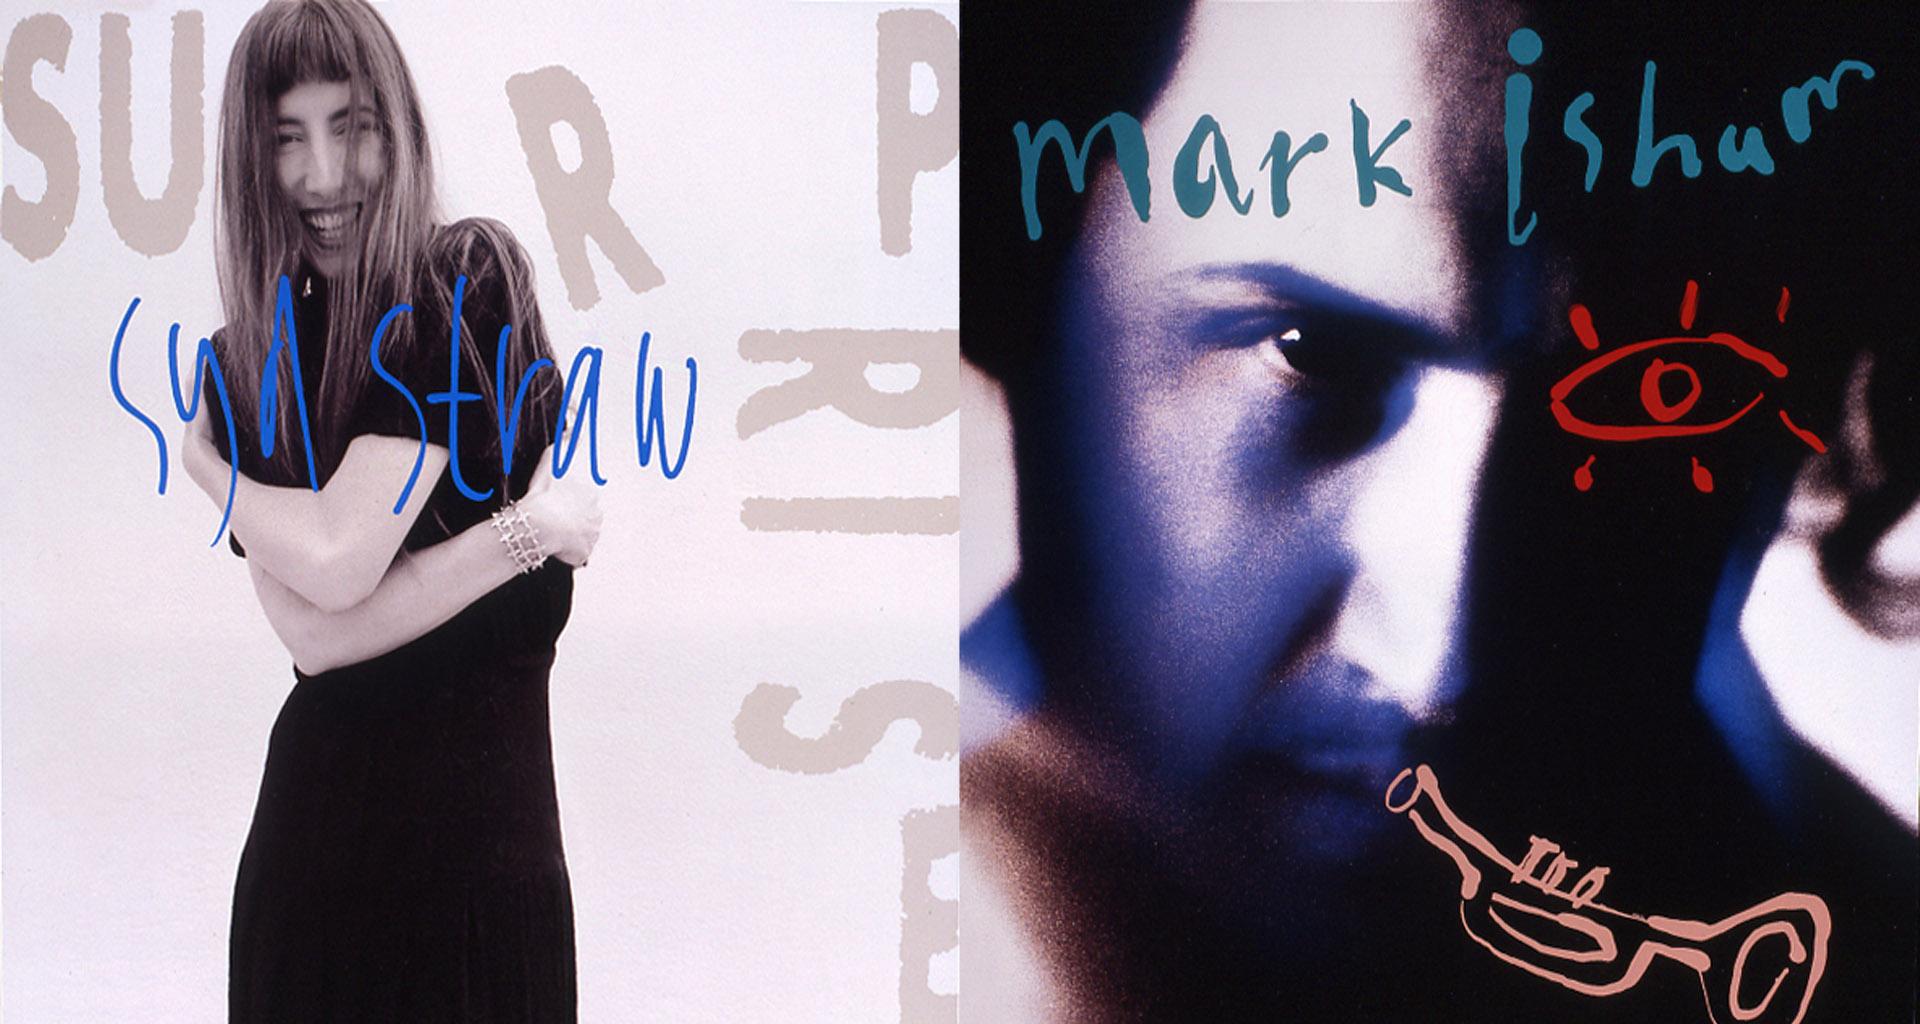 syd-straw-mark-isham